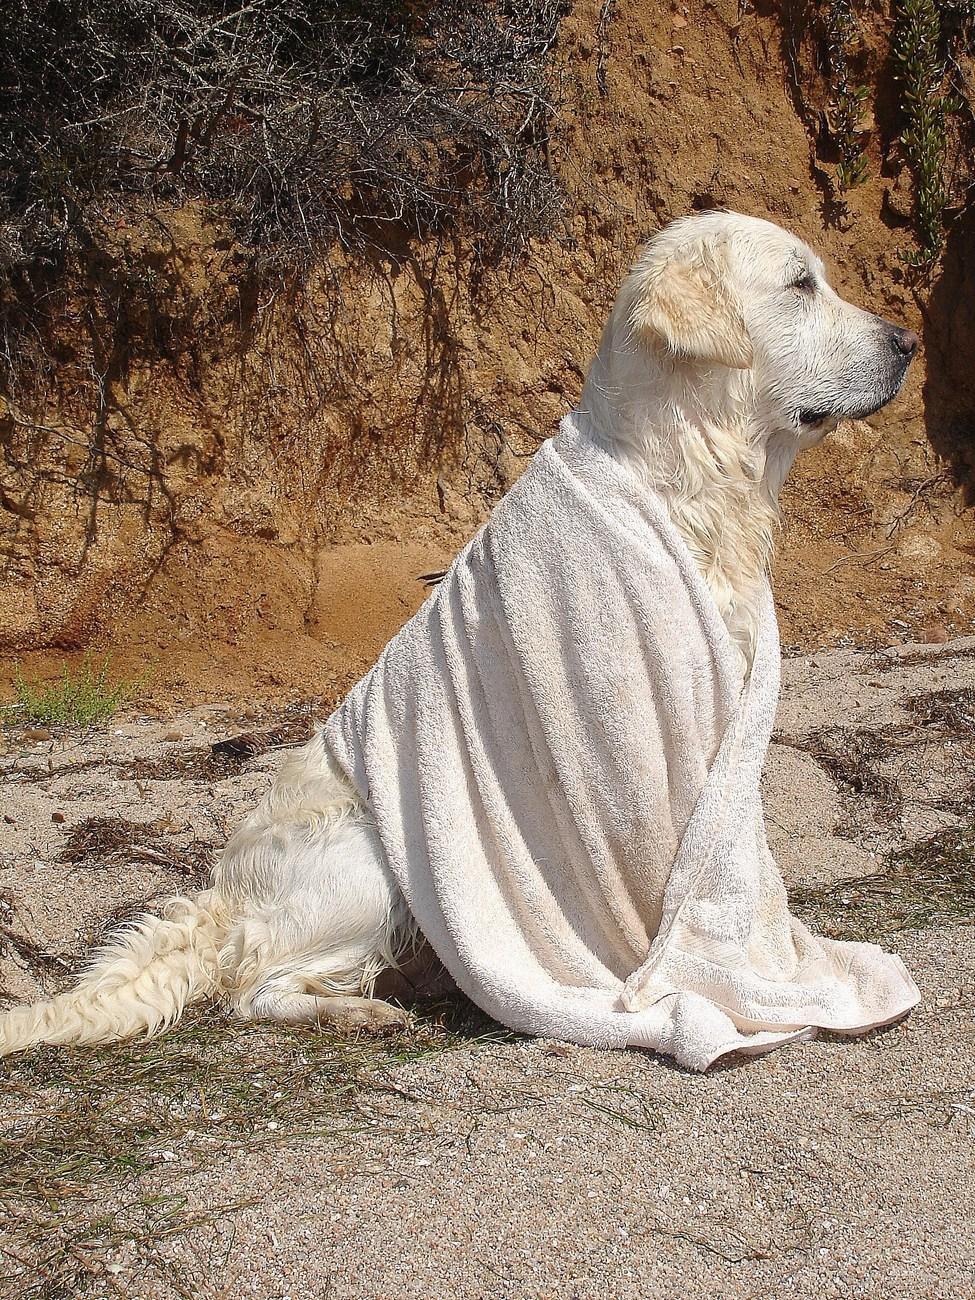 Psa po kopanju obrišemo. Da se prej posuši, da se ne naredijo morebitna vnetja.